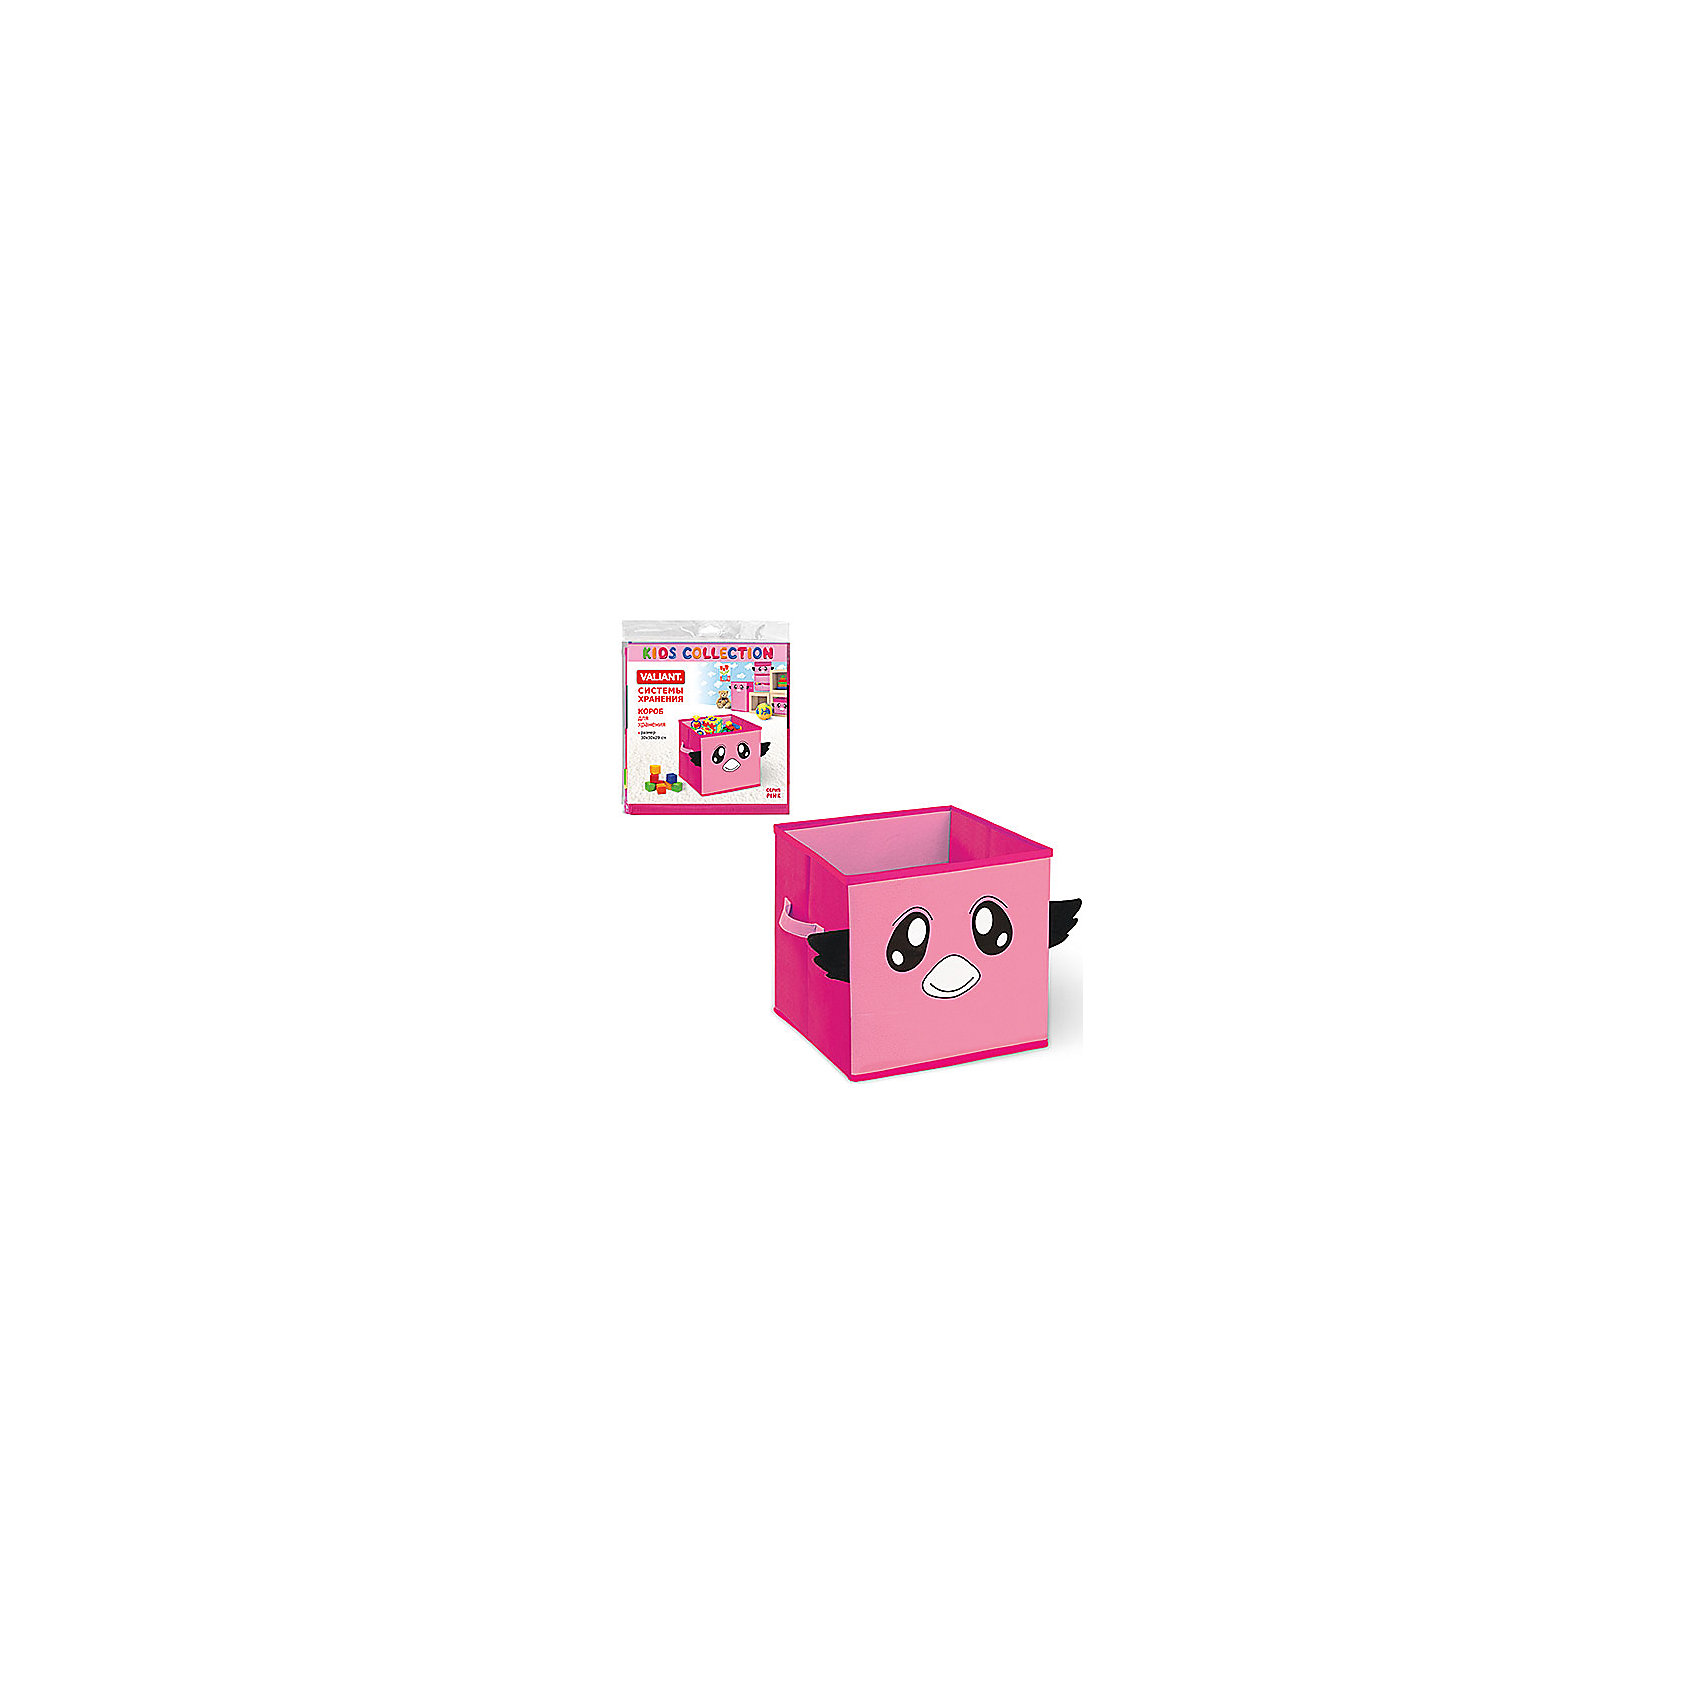 VALIANT Розовый короб для хранения 30*30*29 см купить экран короб в спб адреса